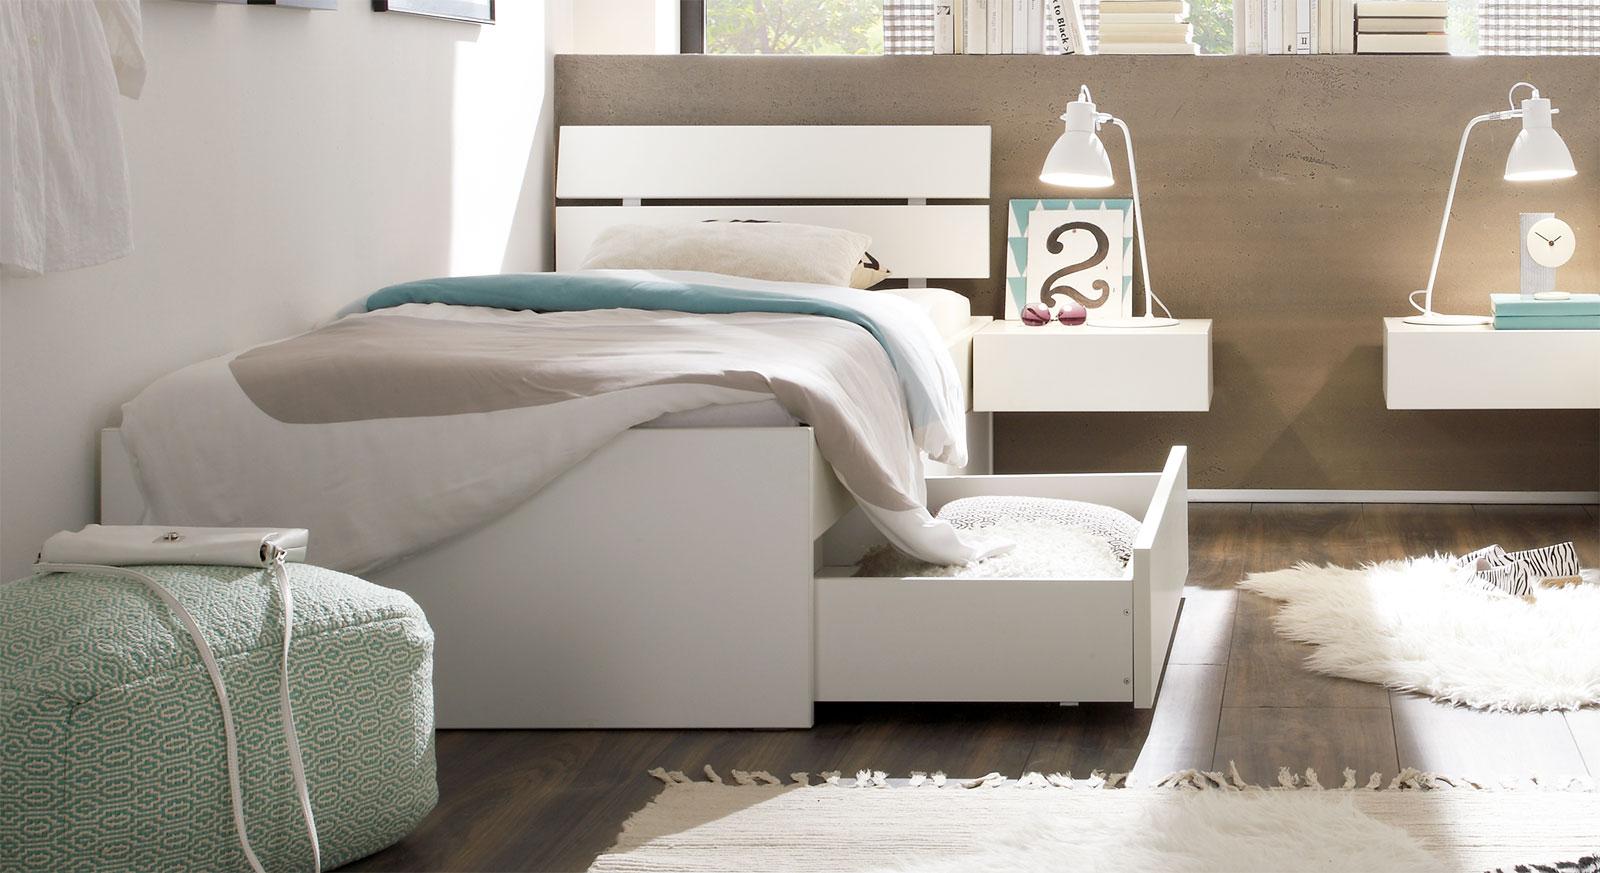 Full Size of Metallbett 100x200 Einzelbett In Zb Cm Mit Schubladen Wei Mocuba Betten Bett Weiß Wohnzimmer Metallbett 100x200